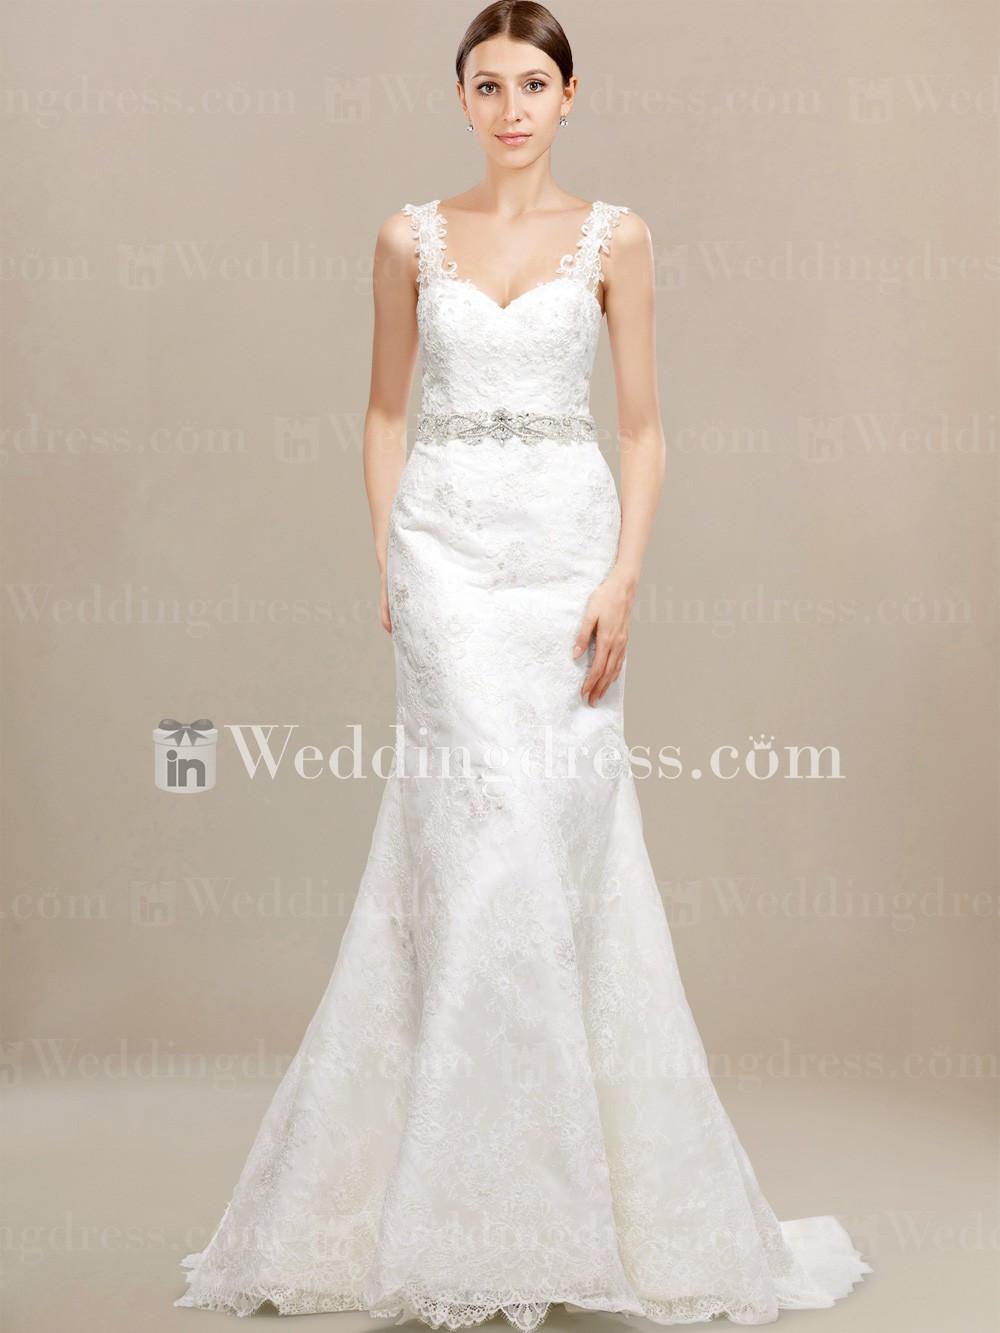 Fit And Flare Hochzeitskleid  Fit n Flare Brautkleid €209